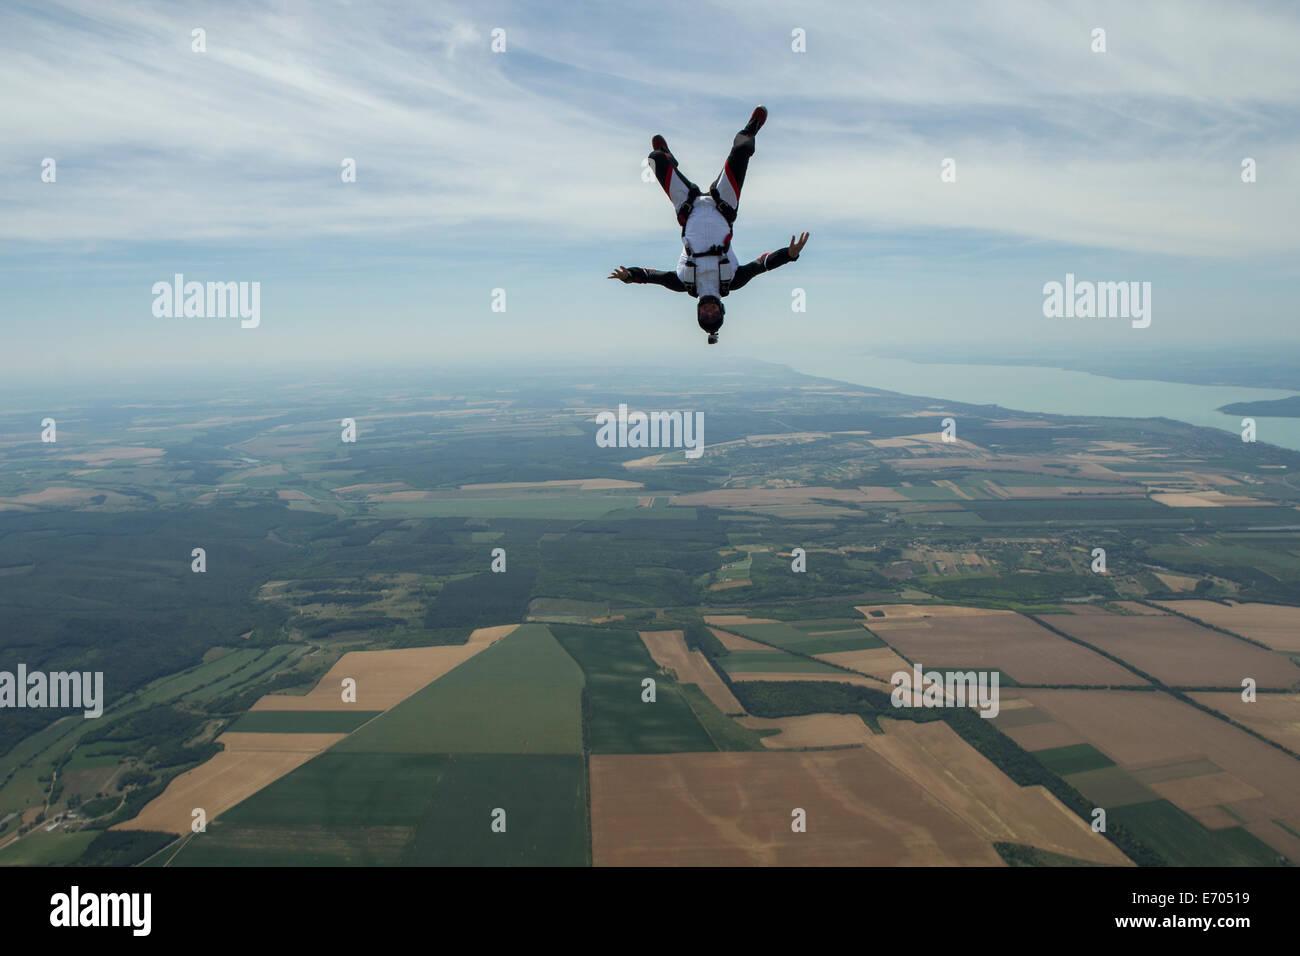 Homme à l'envers au-dessus de freefly parachutiste, Somogy Siofok, Hongrie Photo Stock